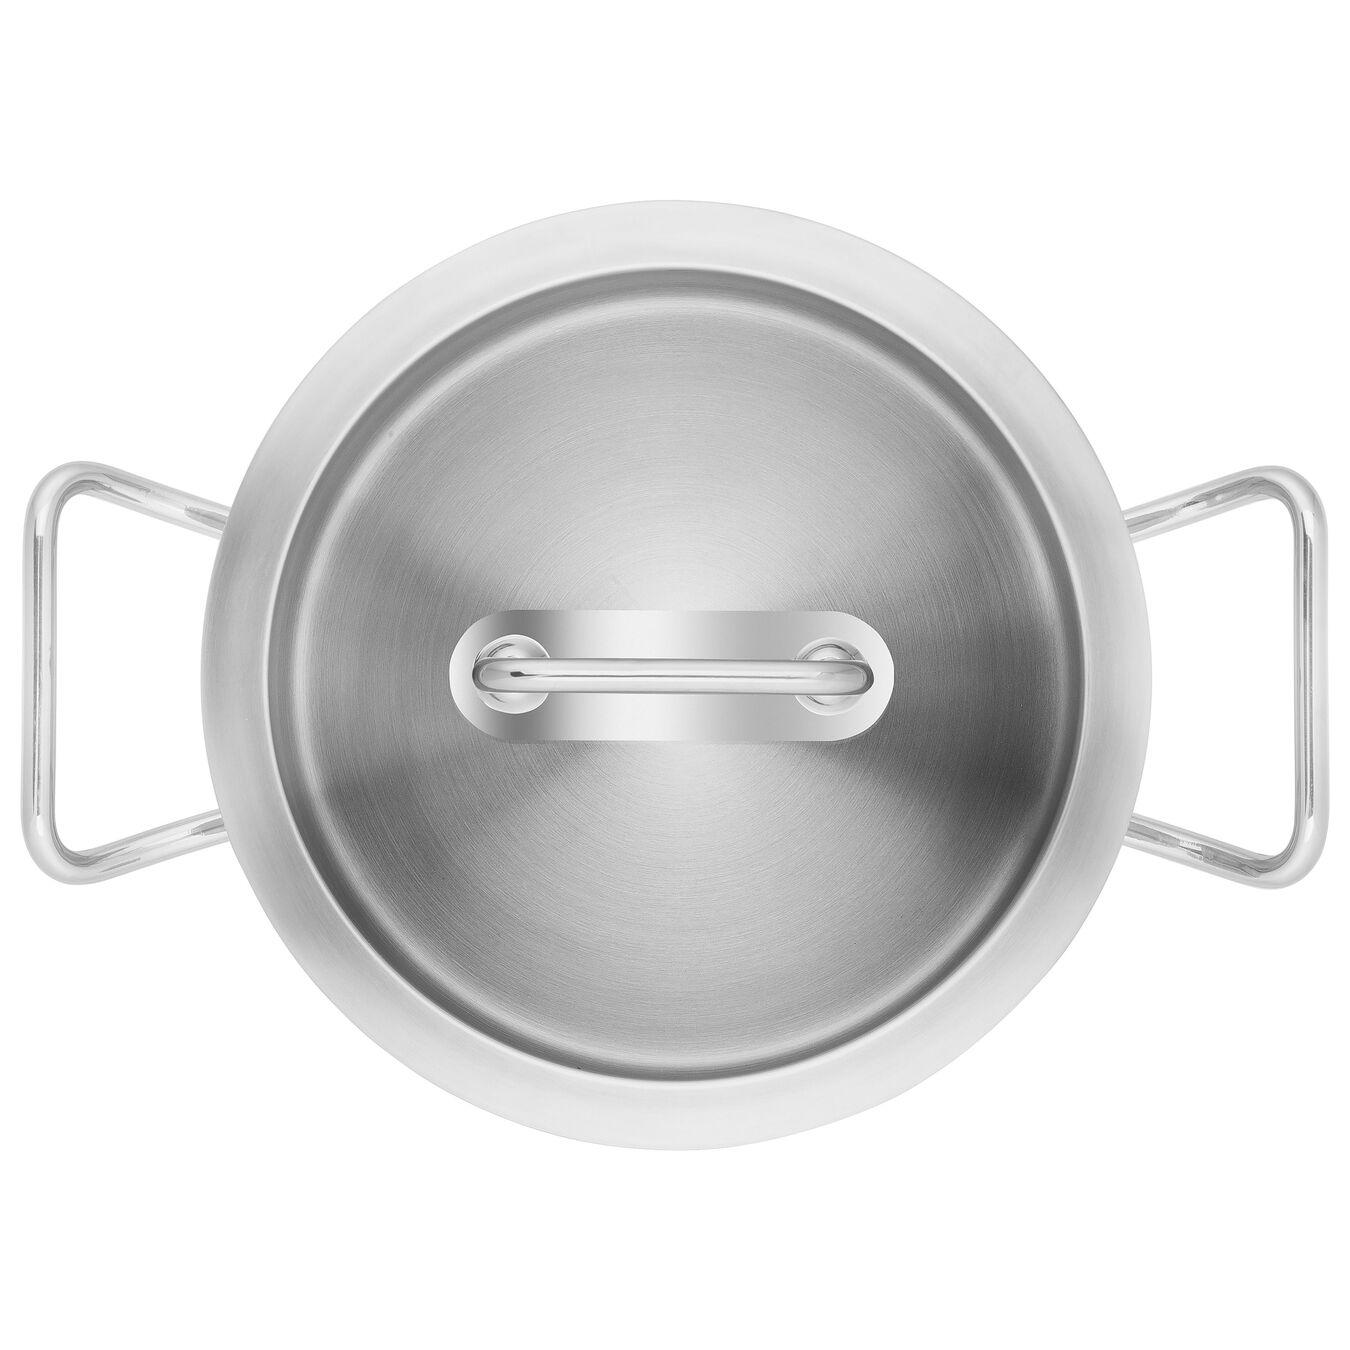 Derin Tencere   18/10 Paslanmaz Çelik   16 cm,,large 5